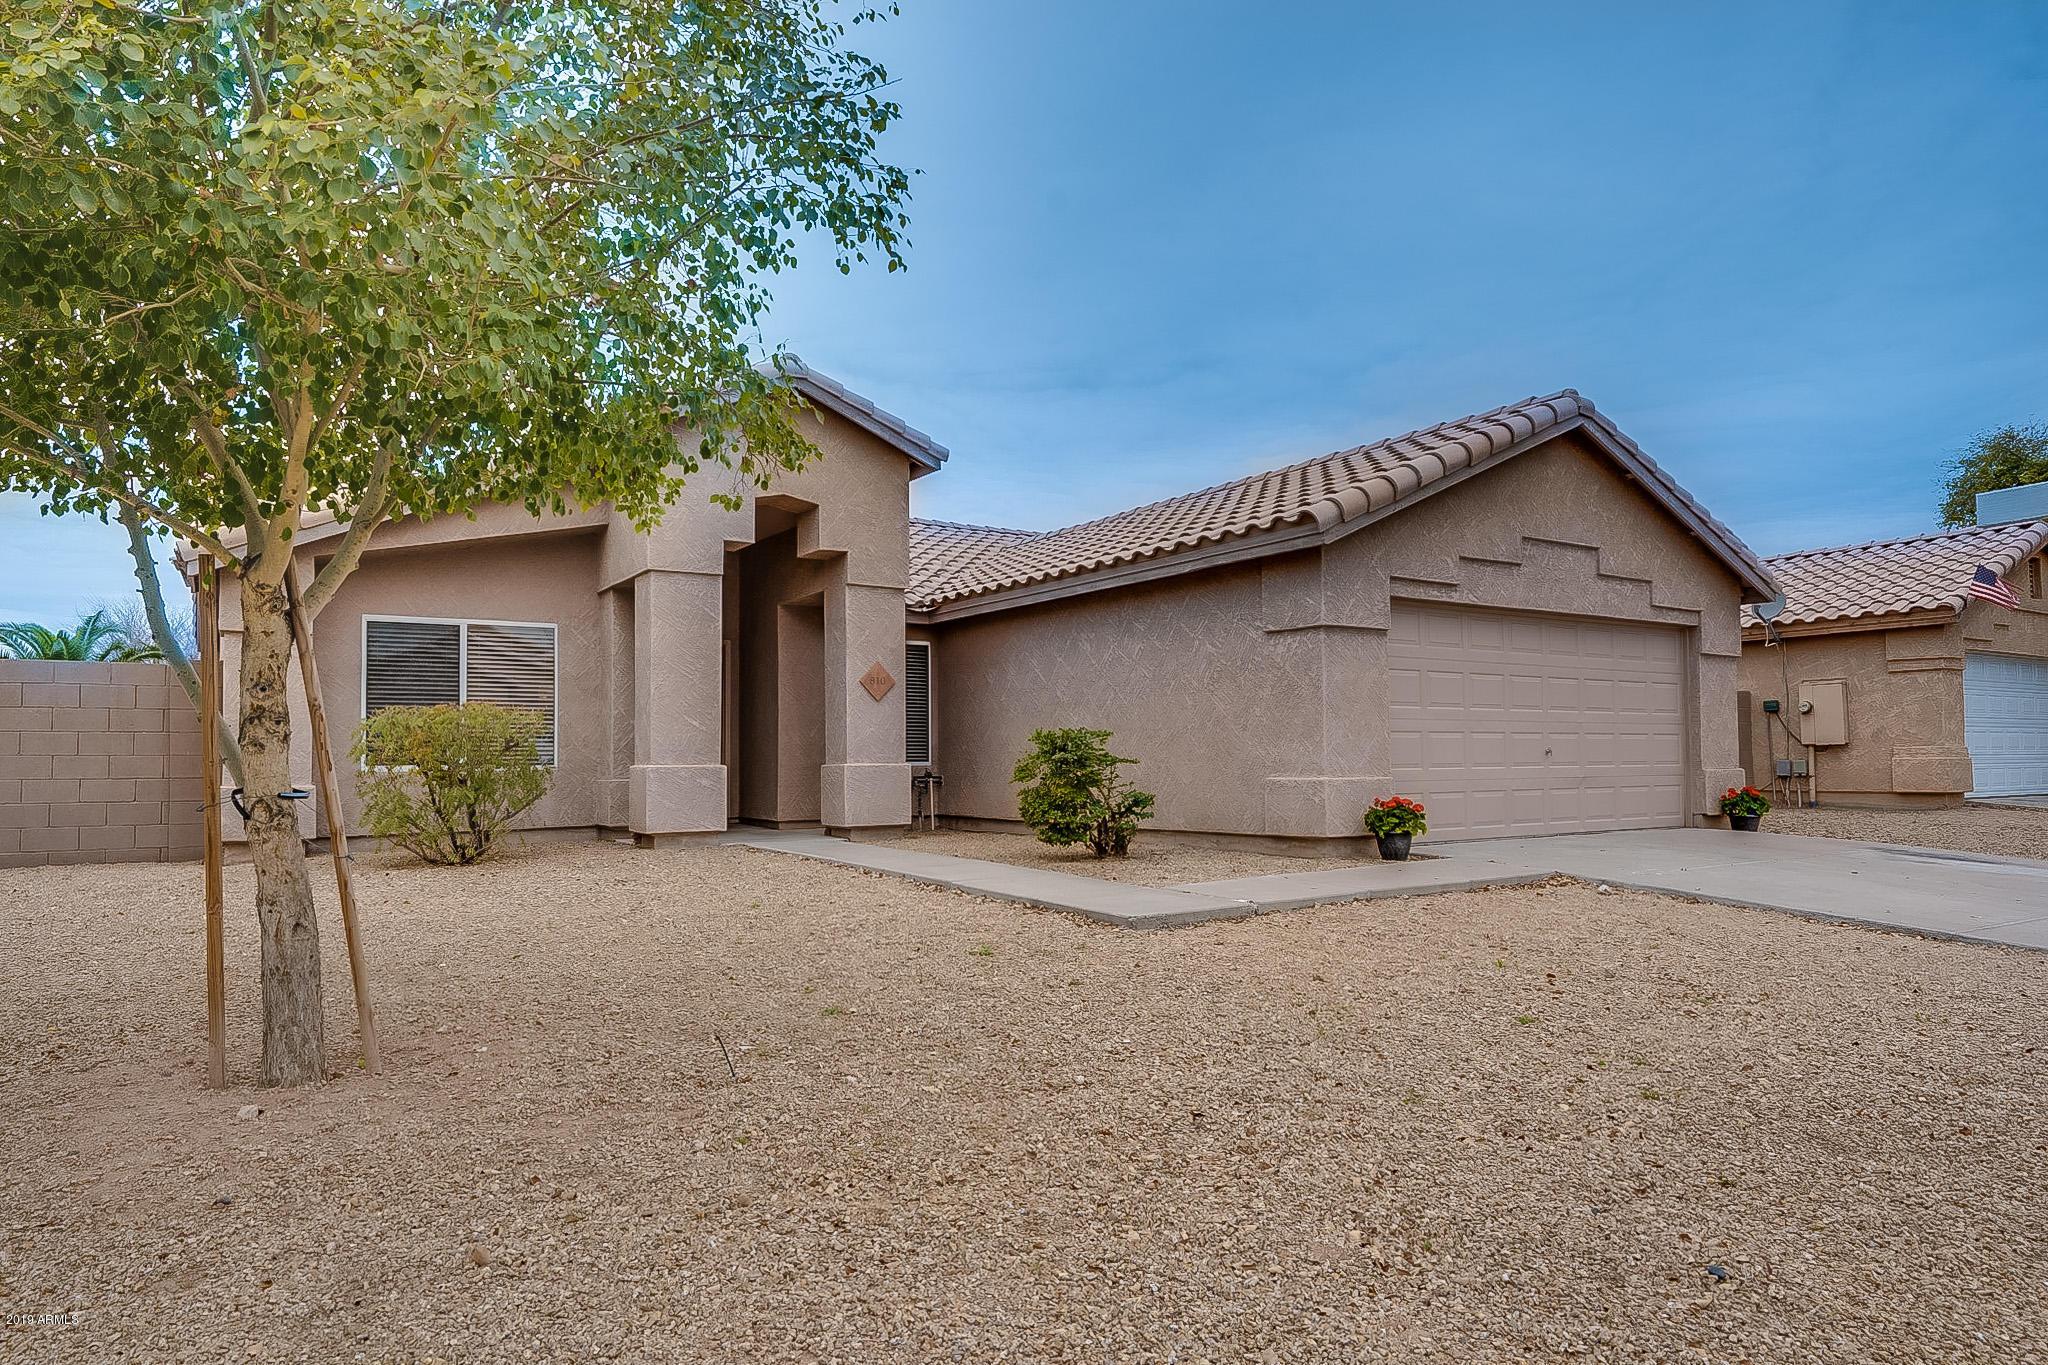 Photo of 810 S DEL RANCHO --, Mesa, AZ 85208